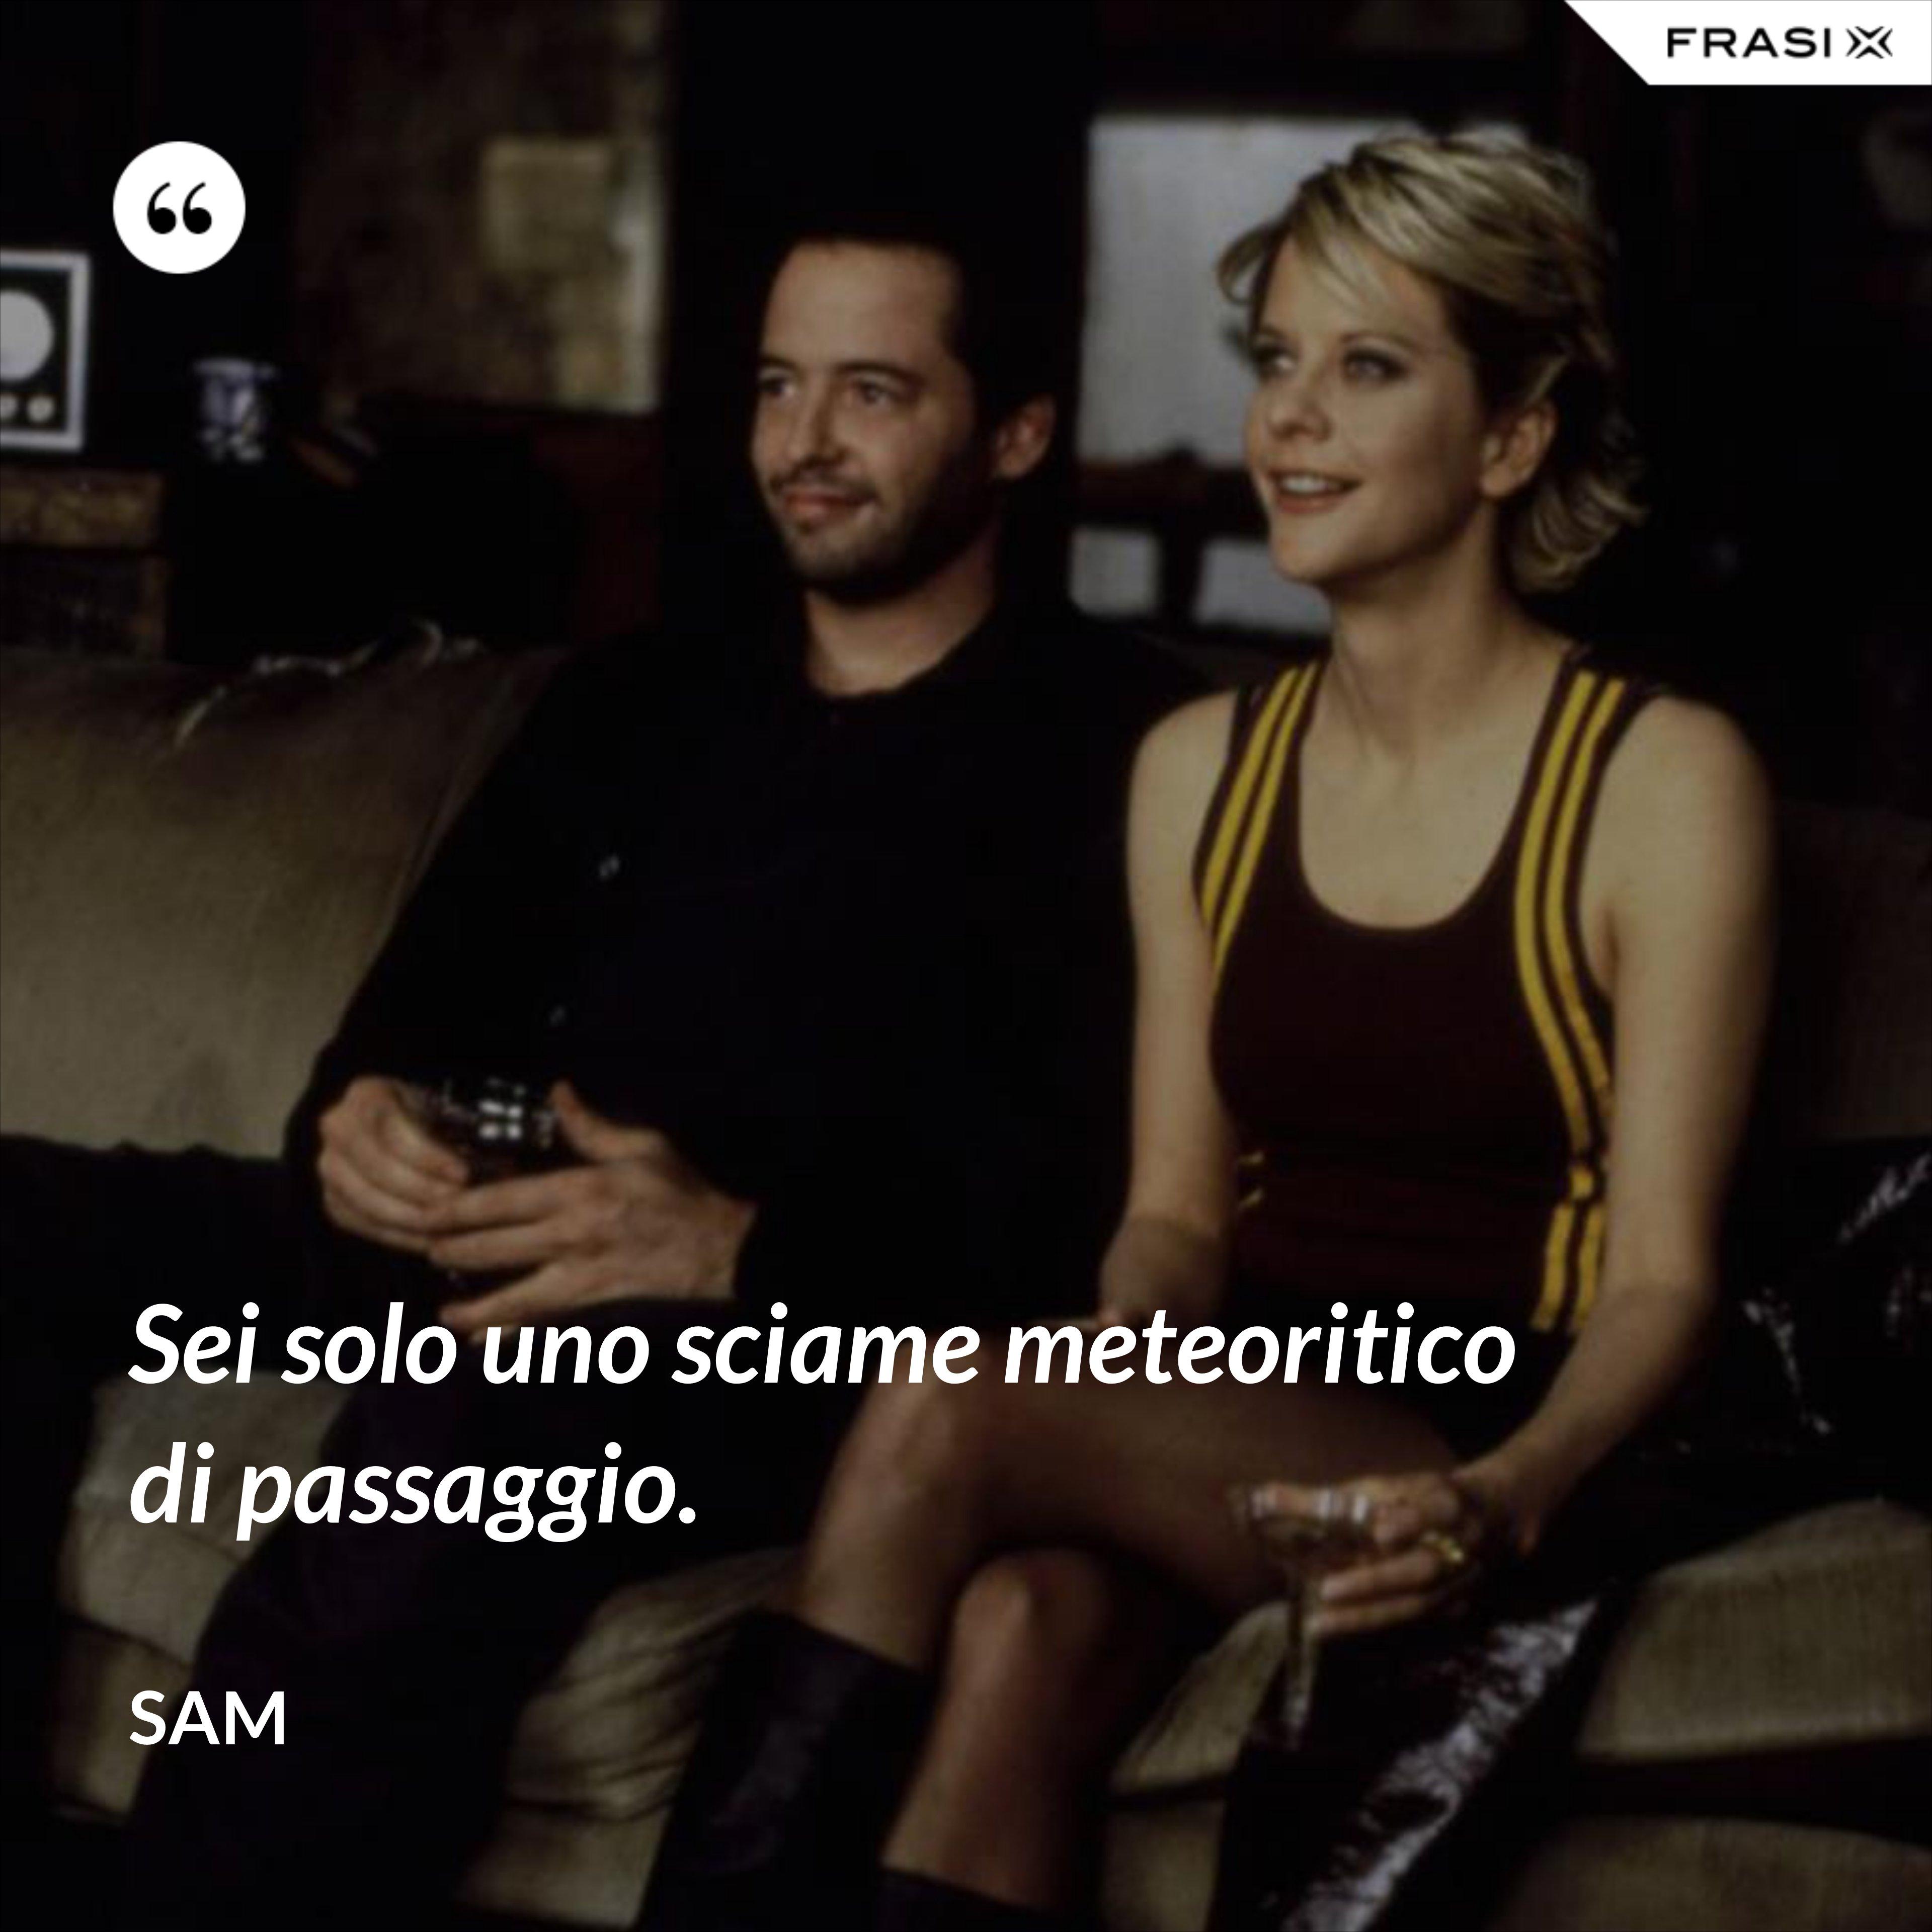 Sei solo uno sciame meteoritico di passaggio. - Sam